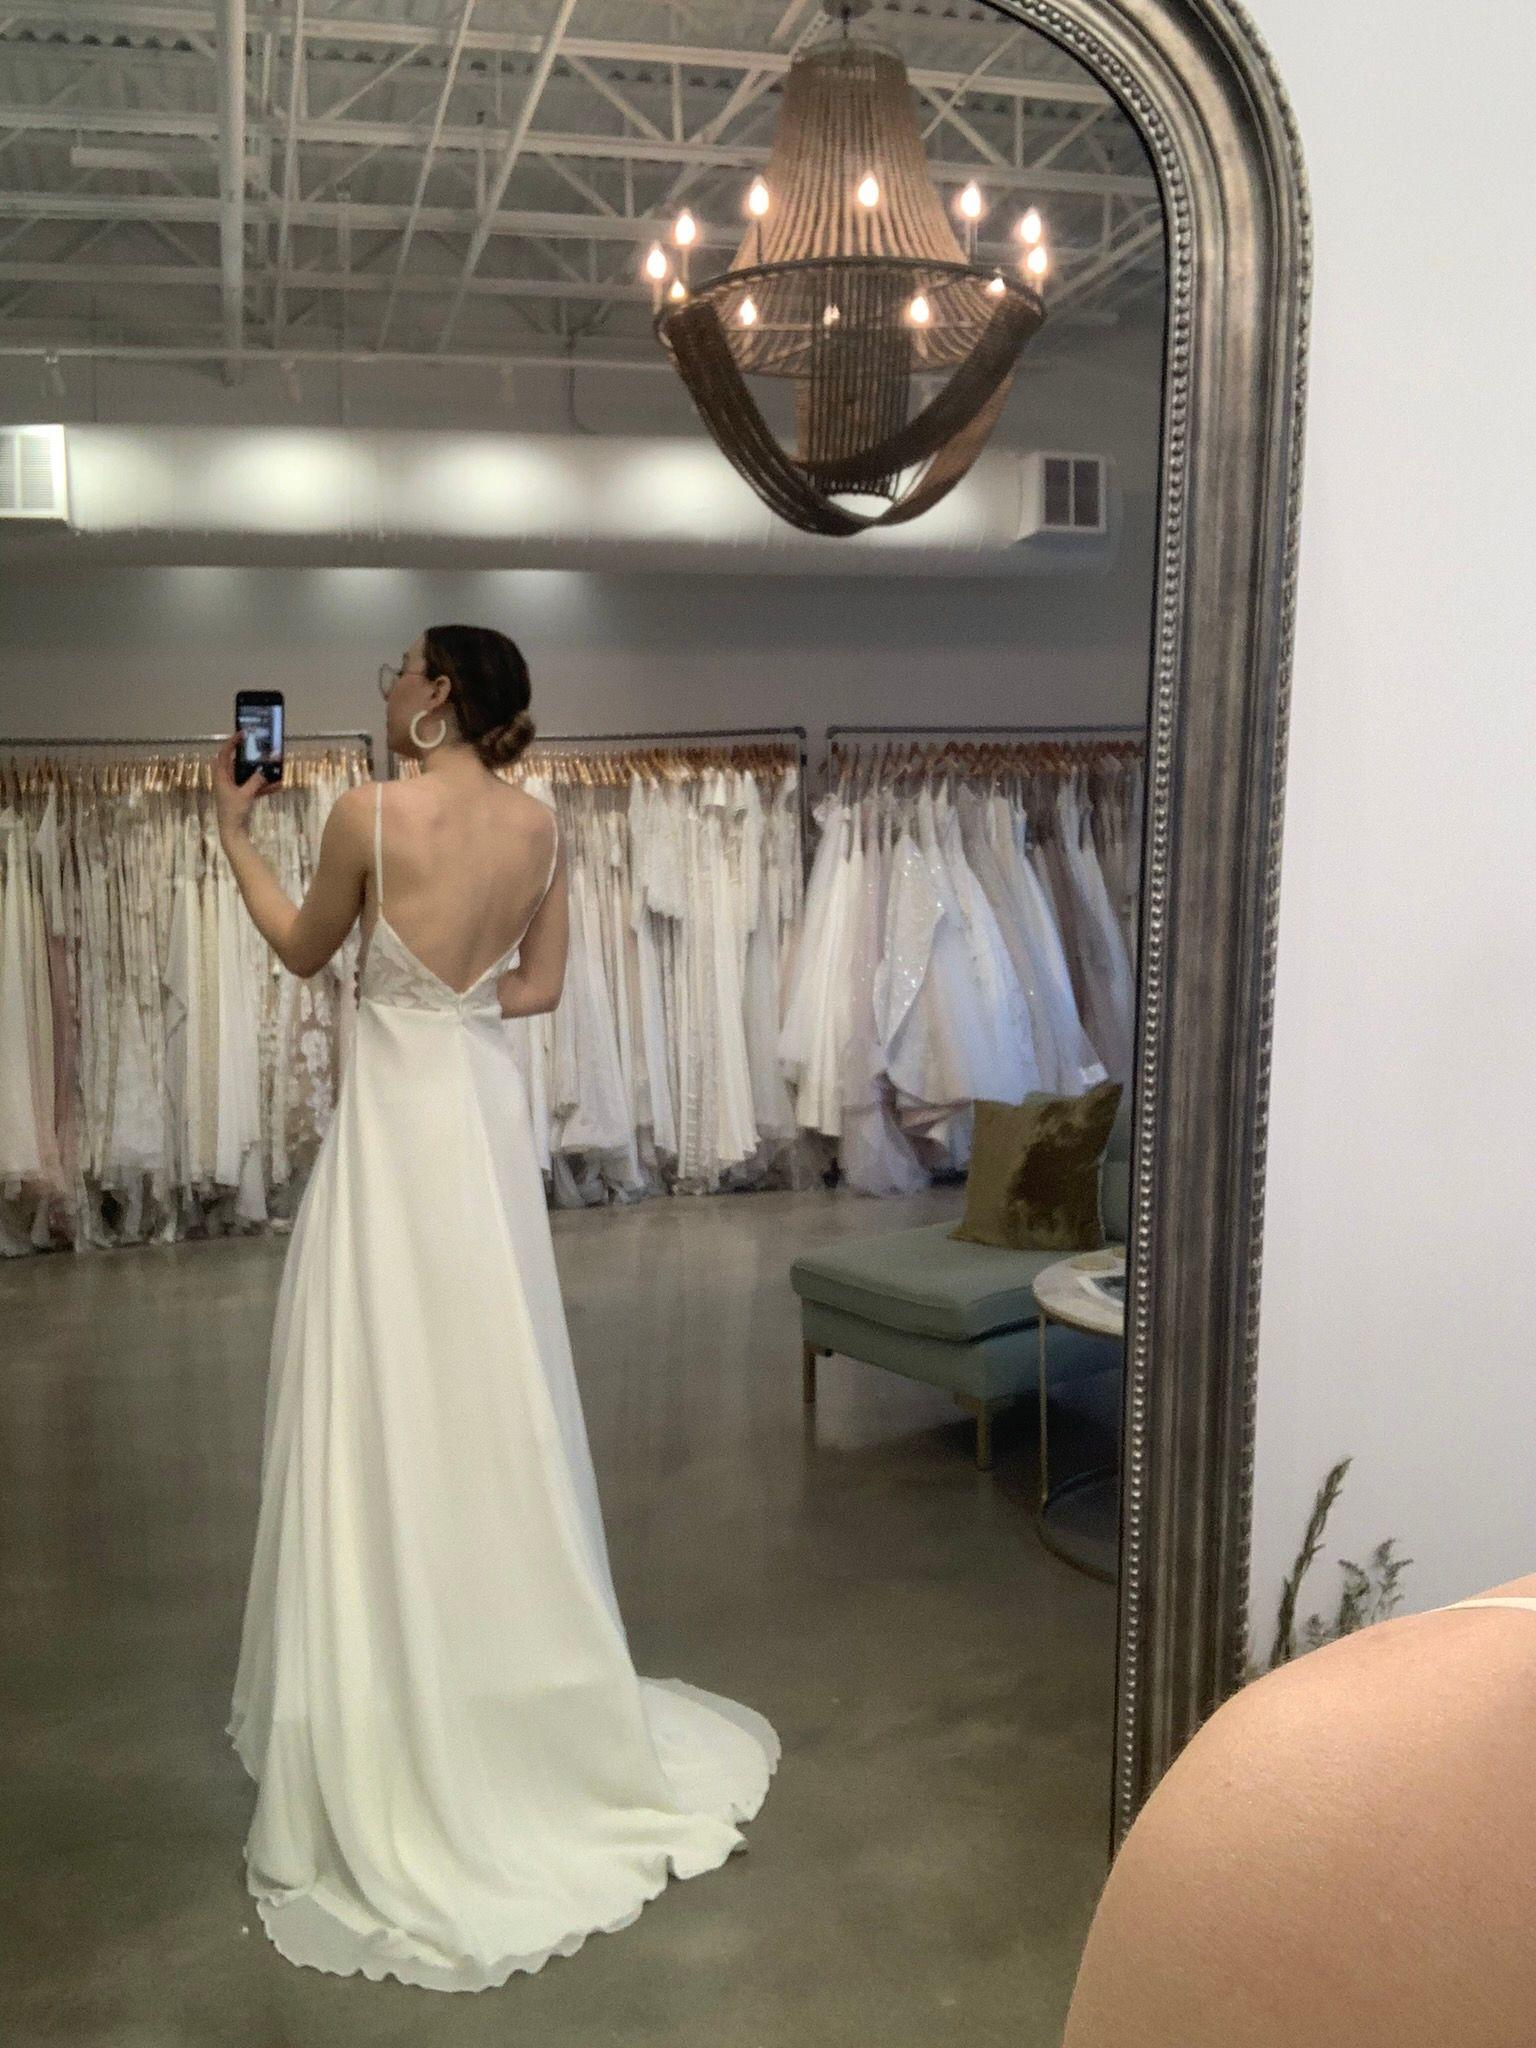 Sarah Seven at LVD Bridal in 2020 Wedding dress shopping